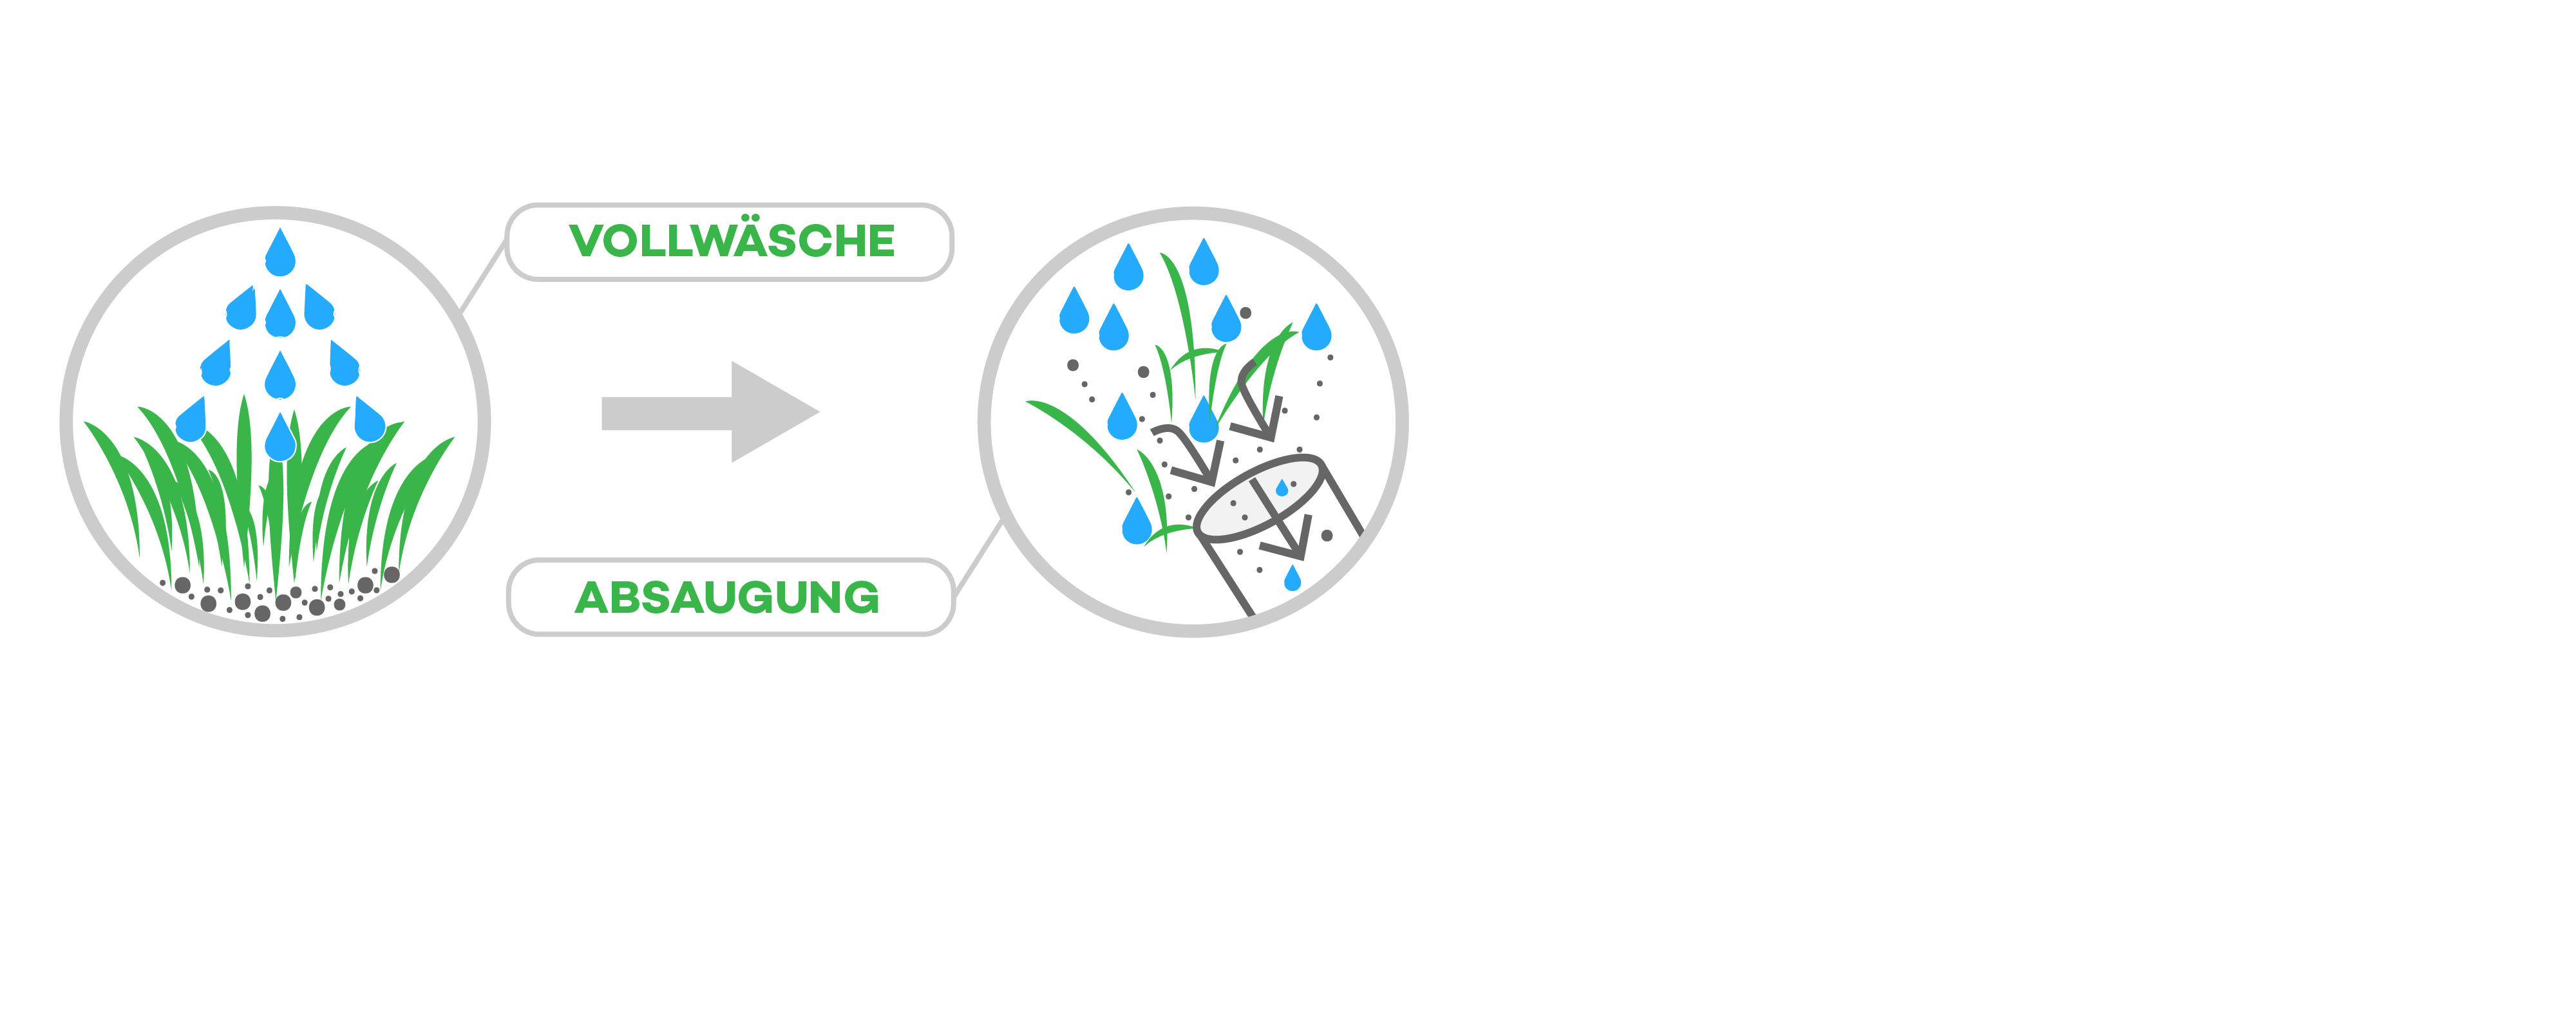 Mit unserer Vollwäsche werden Schadstoffe aus dem Boden gesaugt